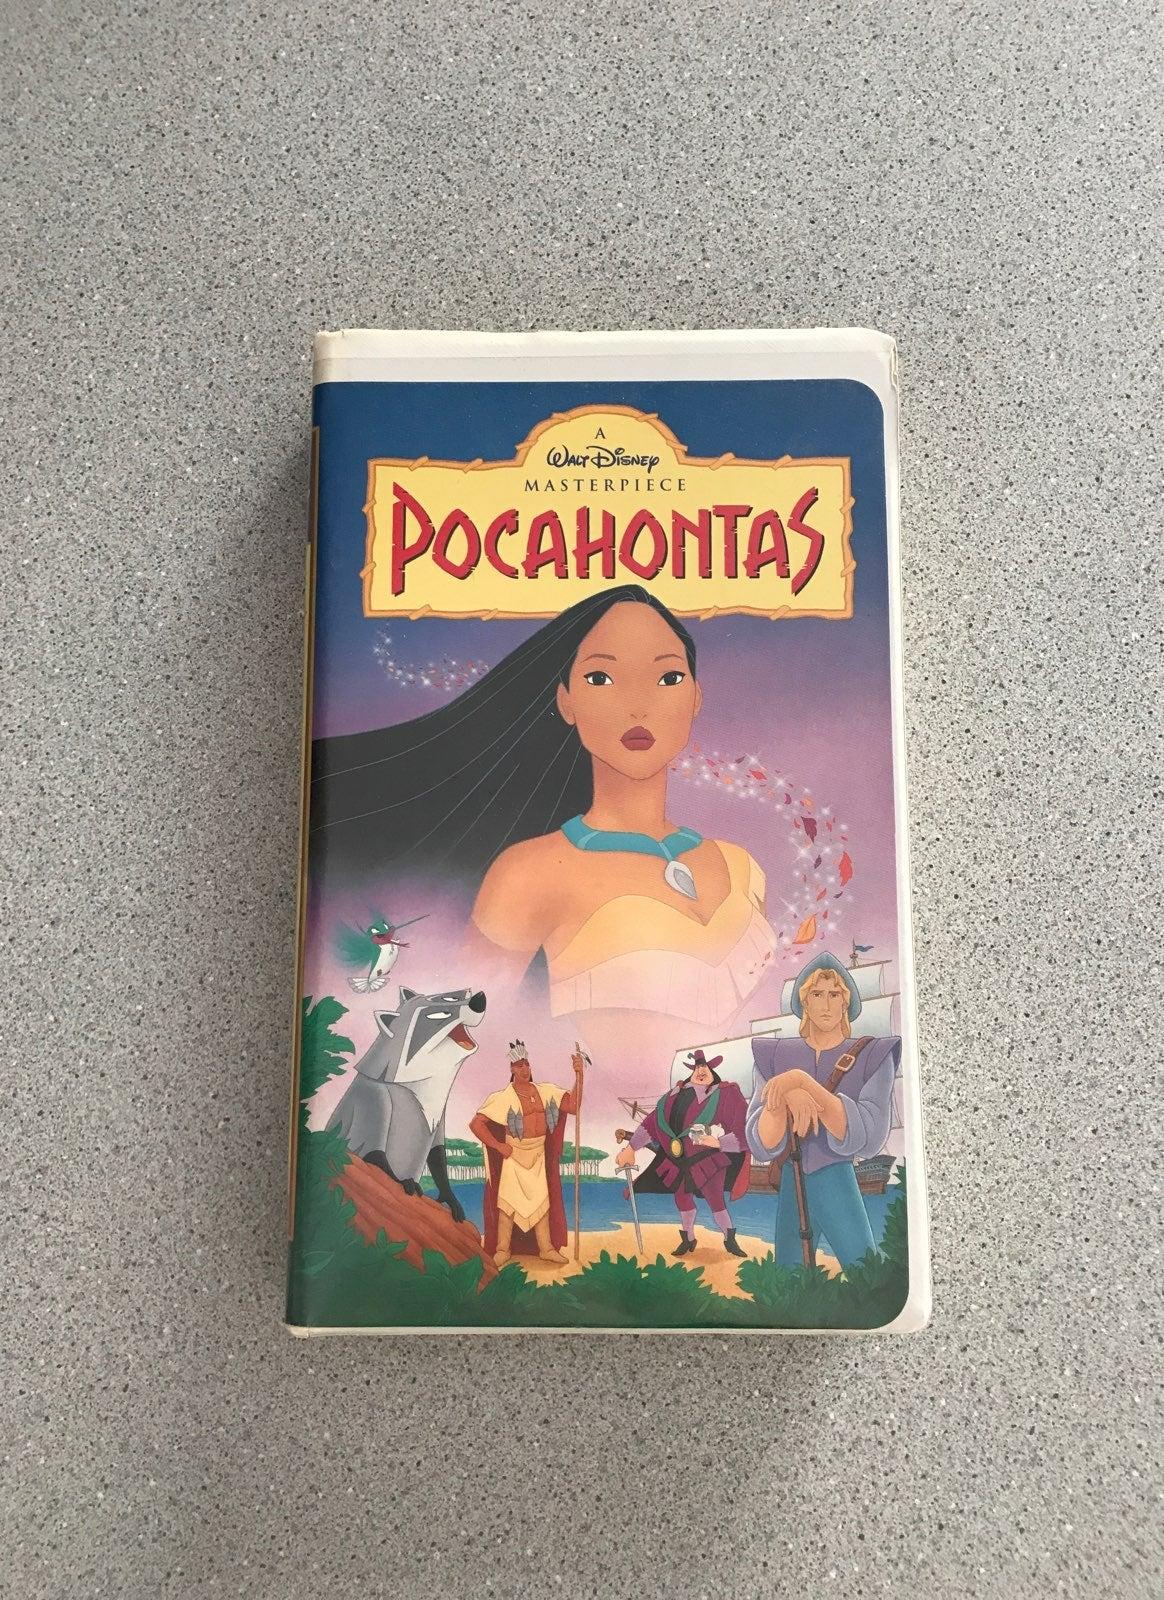 Pocahontas VHS